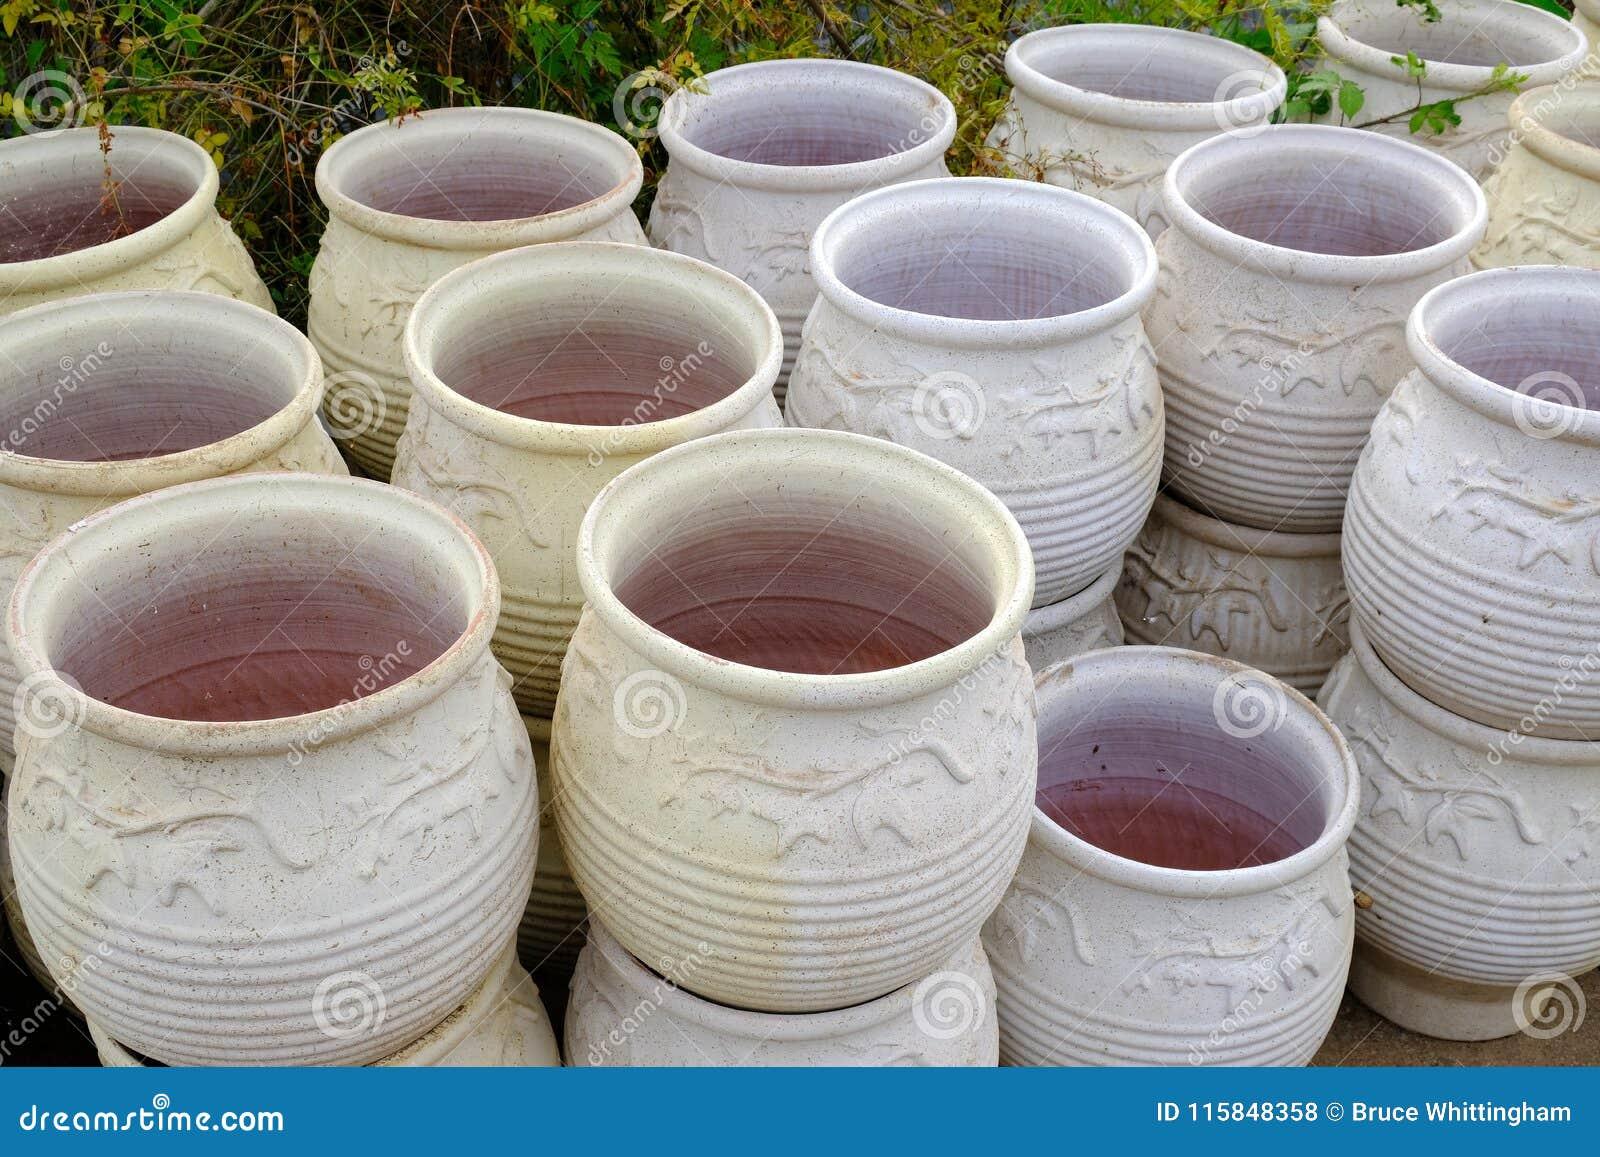 Vasi In Terracotta Per Giardino grandi vasi o urne del giardino di terracotta fotografia